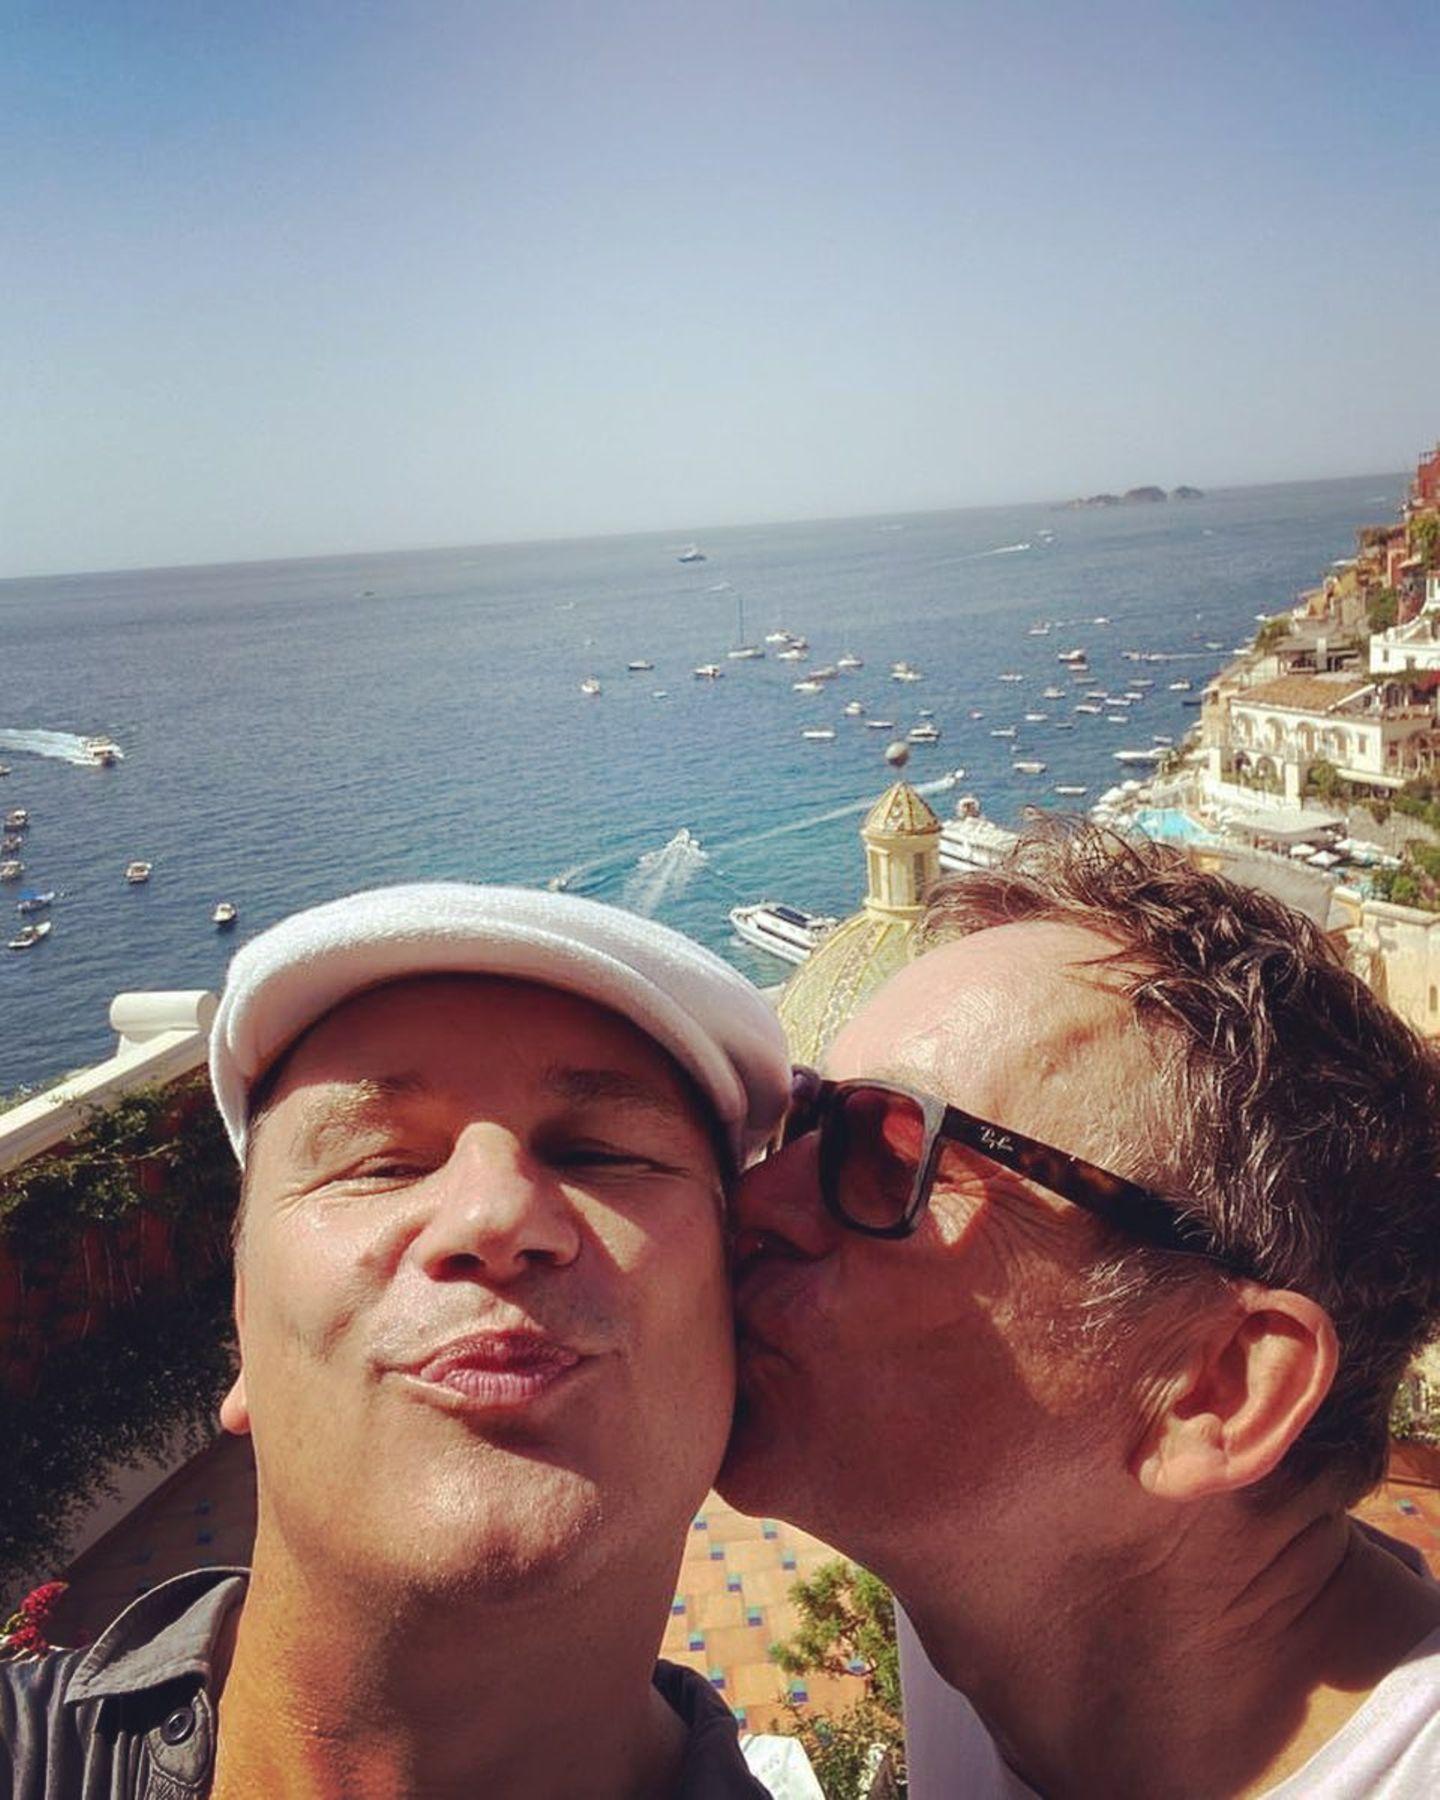 Ein Bacio, ein Küsschen aus Bella Italia schickt uns Guido Maria Kretschmer, und der bekommt zeitgleich eines von seinem Mann Frank Mutters vor traumhafter Kulisse am Meer auf die Wange gedrückt. Wir wünschen ganz viel Spaß und gute Erholung!